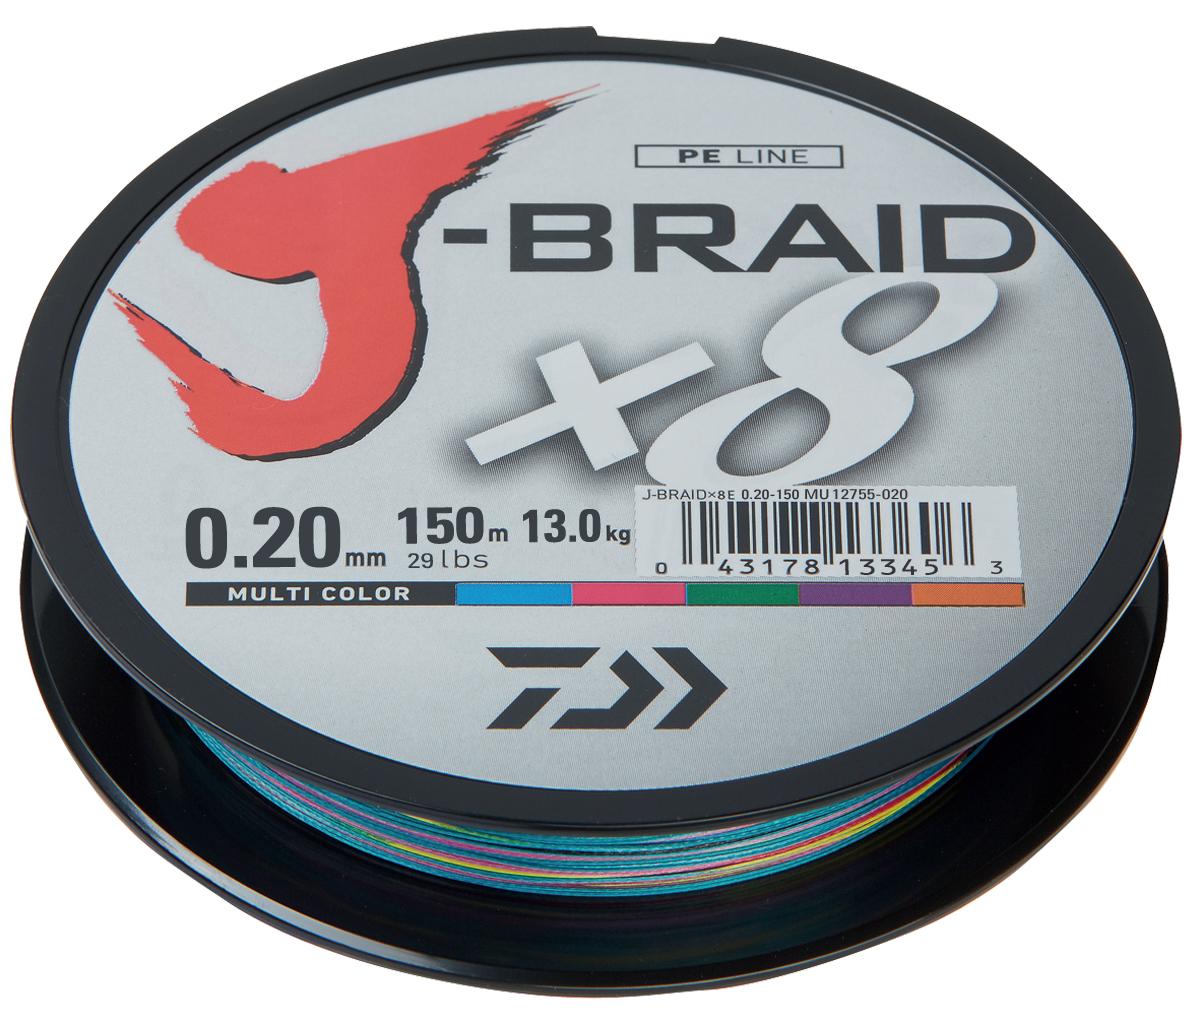 Шнур плетеный Daiwa J-Braid X8, цвет: мультиколор, 150 м, 0,20 мм61122J-Braid от DAIWA - исключительный шнур с плетением в 8 нитей. Он полностью удовлетворяет всем требованиям, предъявляемым высококачественным плетеным шнурам. Неважно, собрались ли вы ловить крупных морских хищников, как палтус, треска или сайда, или окуня и судака, с вашим новым J-Braid вы всегда контролируете рыбу. J-Braid предлагает соответствующий диаметр для любых техник ловли: море, река или озеро - невероятно прочный и надежный. J-Braid скользит через кольца, обеспечивая дальний и точный заброс даже самых легких приманок. Идеален для спиннинговых и бейткастинговых катушек! Невероятное соотношение цены и качества!